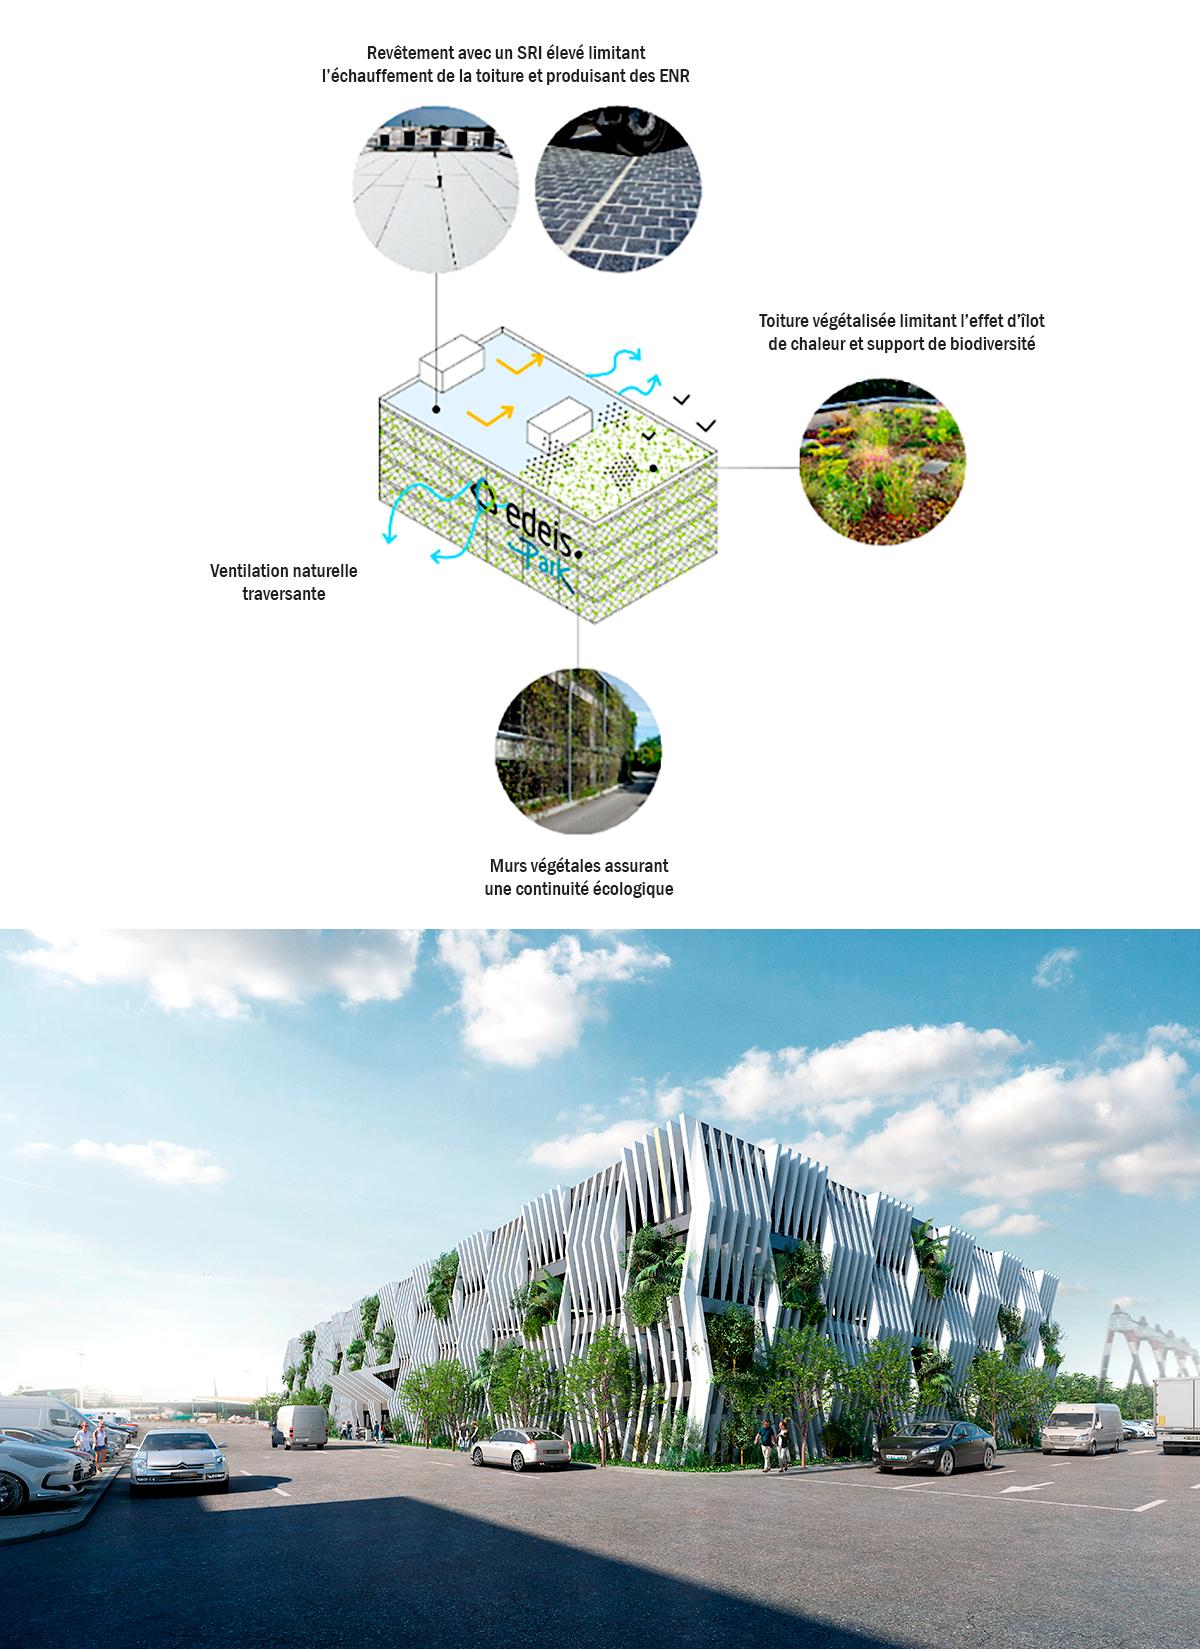 Parking green écologique ventilé et végétalisé